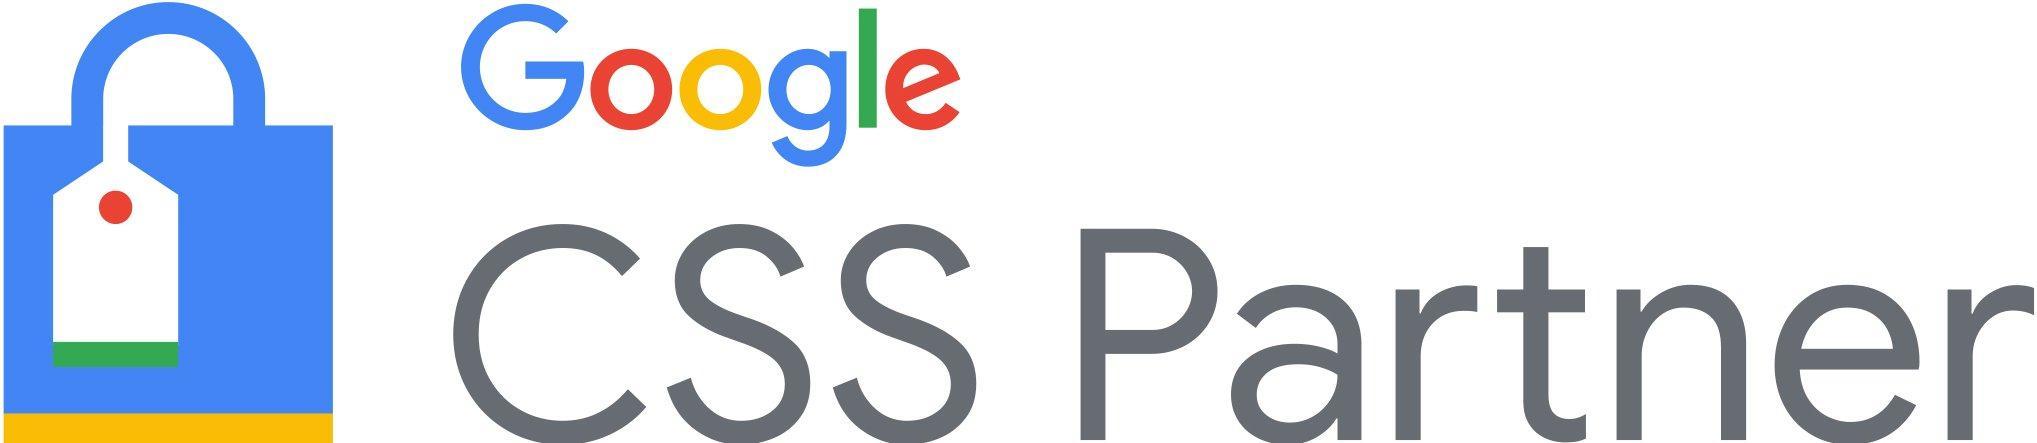 CSS-badge.jpg#asset:7353